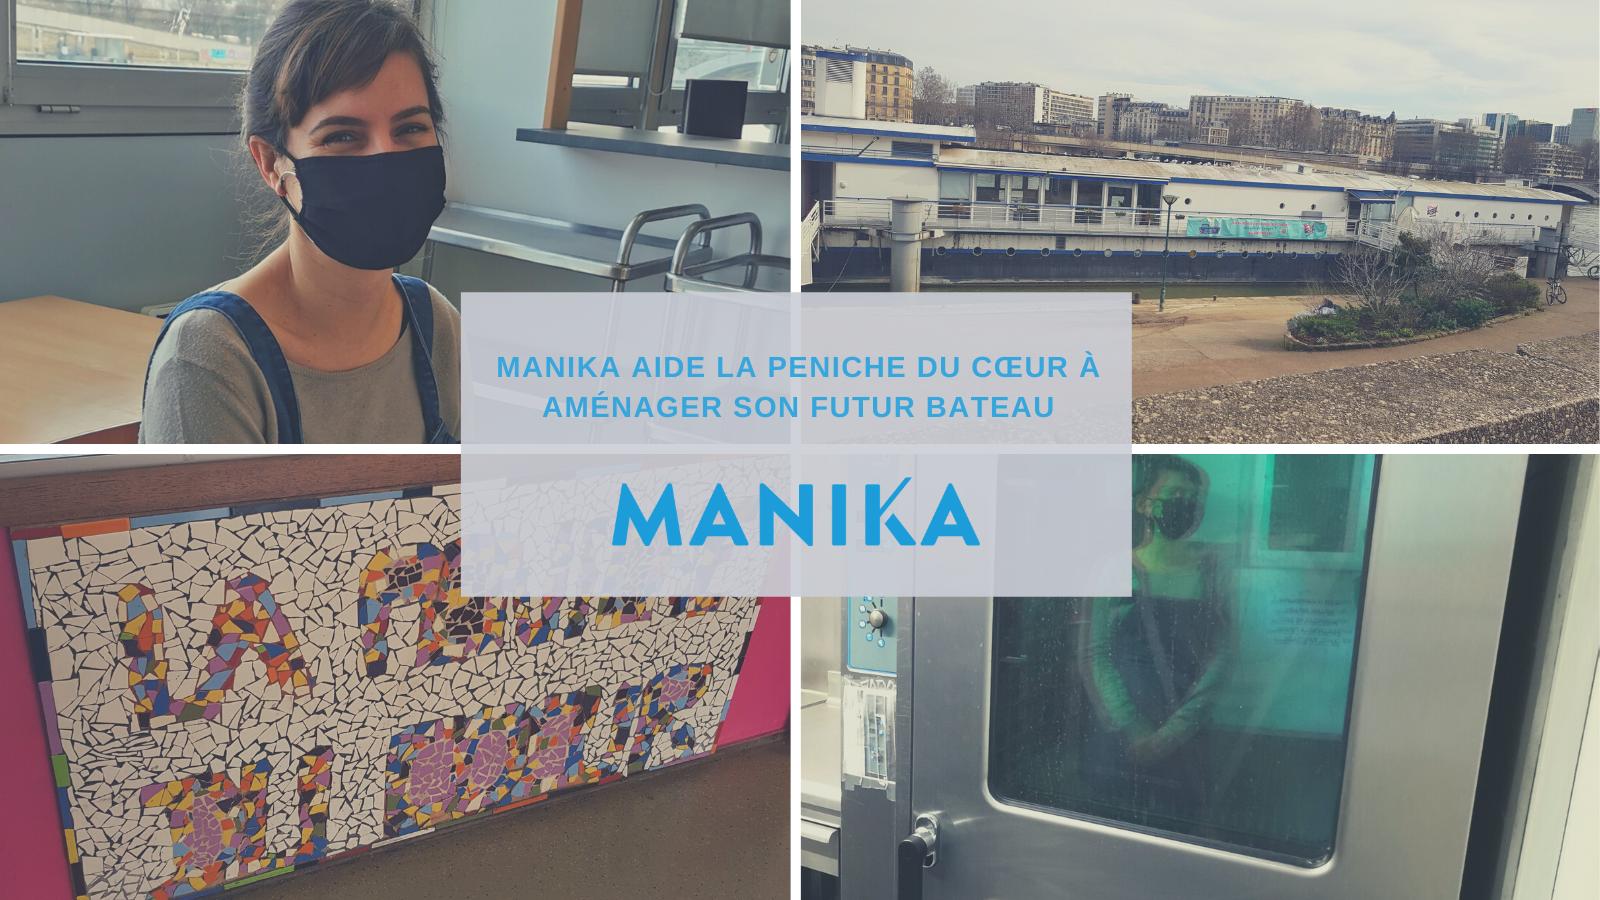 MANIKA soutient la péniche du coeur pour l'aménagement de son futur bateau